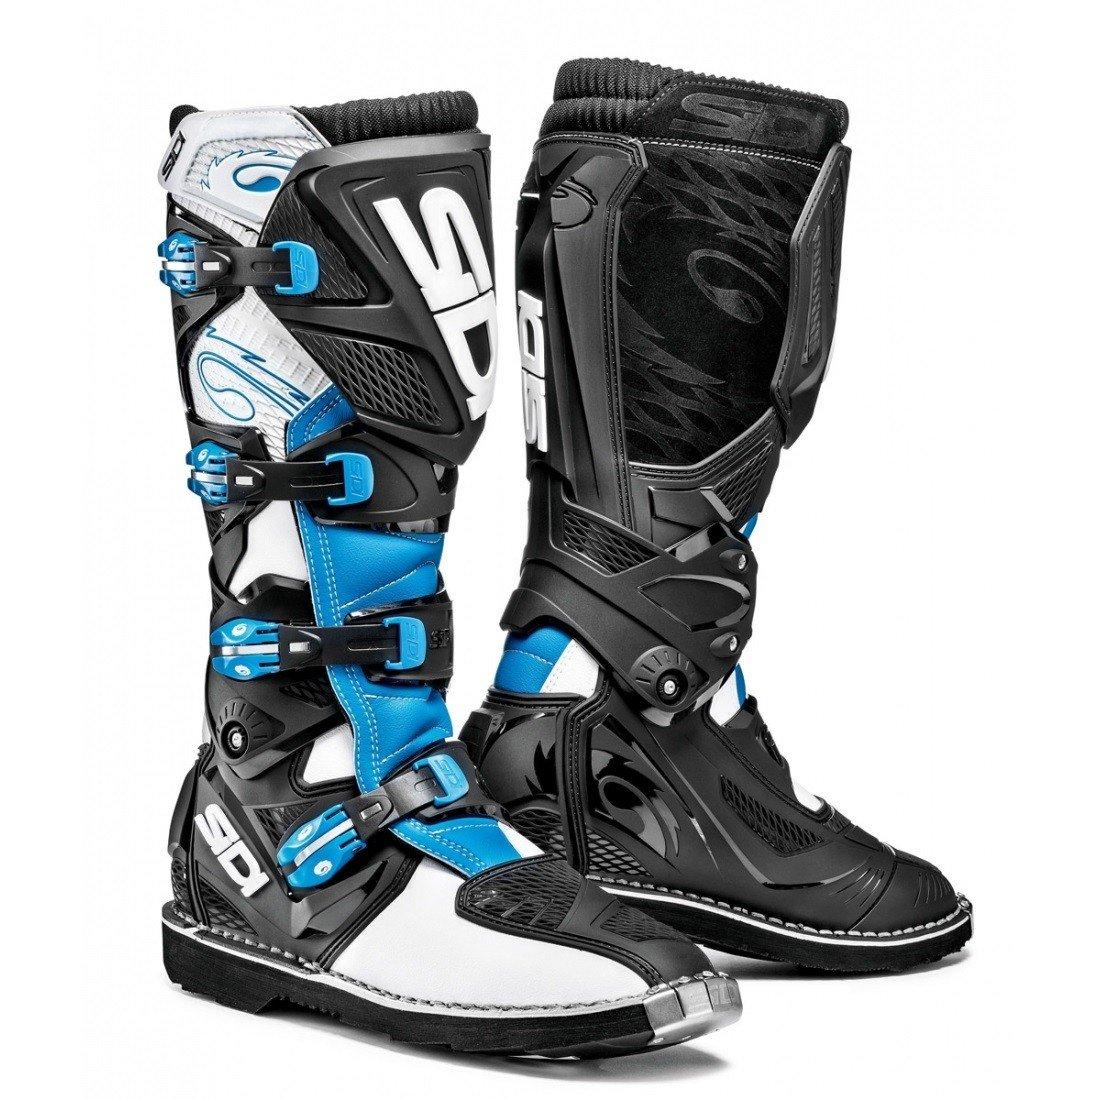 Sidi X-3 white/light blue/black 42